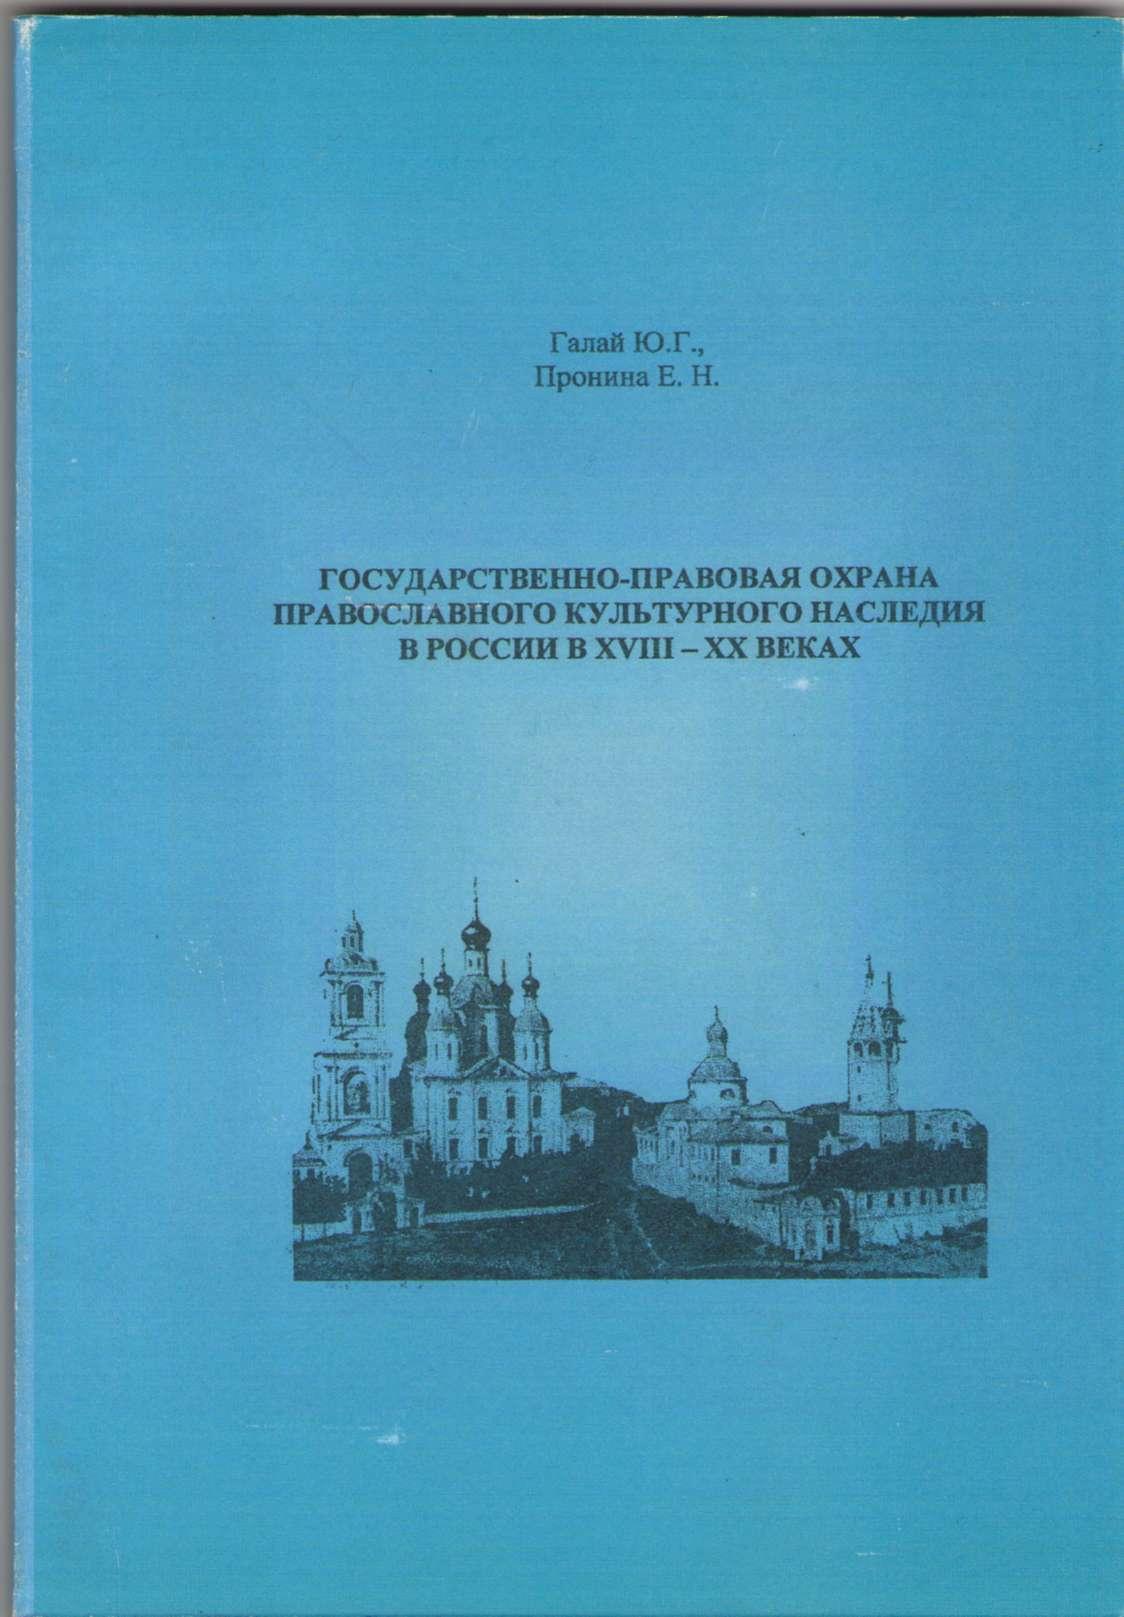 Государственно-правовая охрана православного культурного наследия в России в XVIII-XX веках